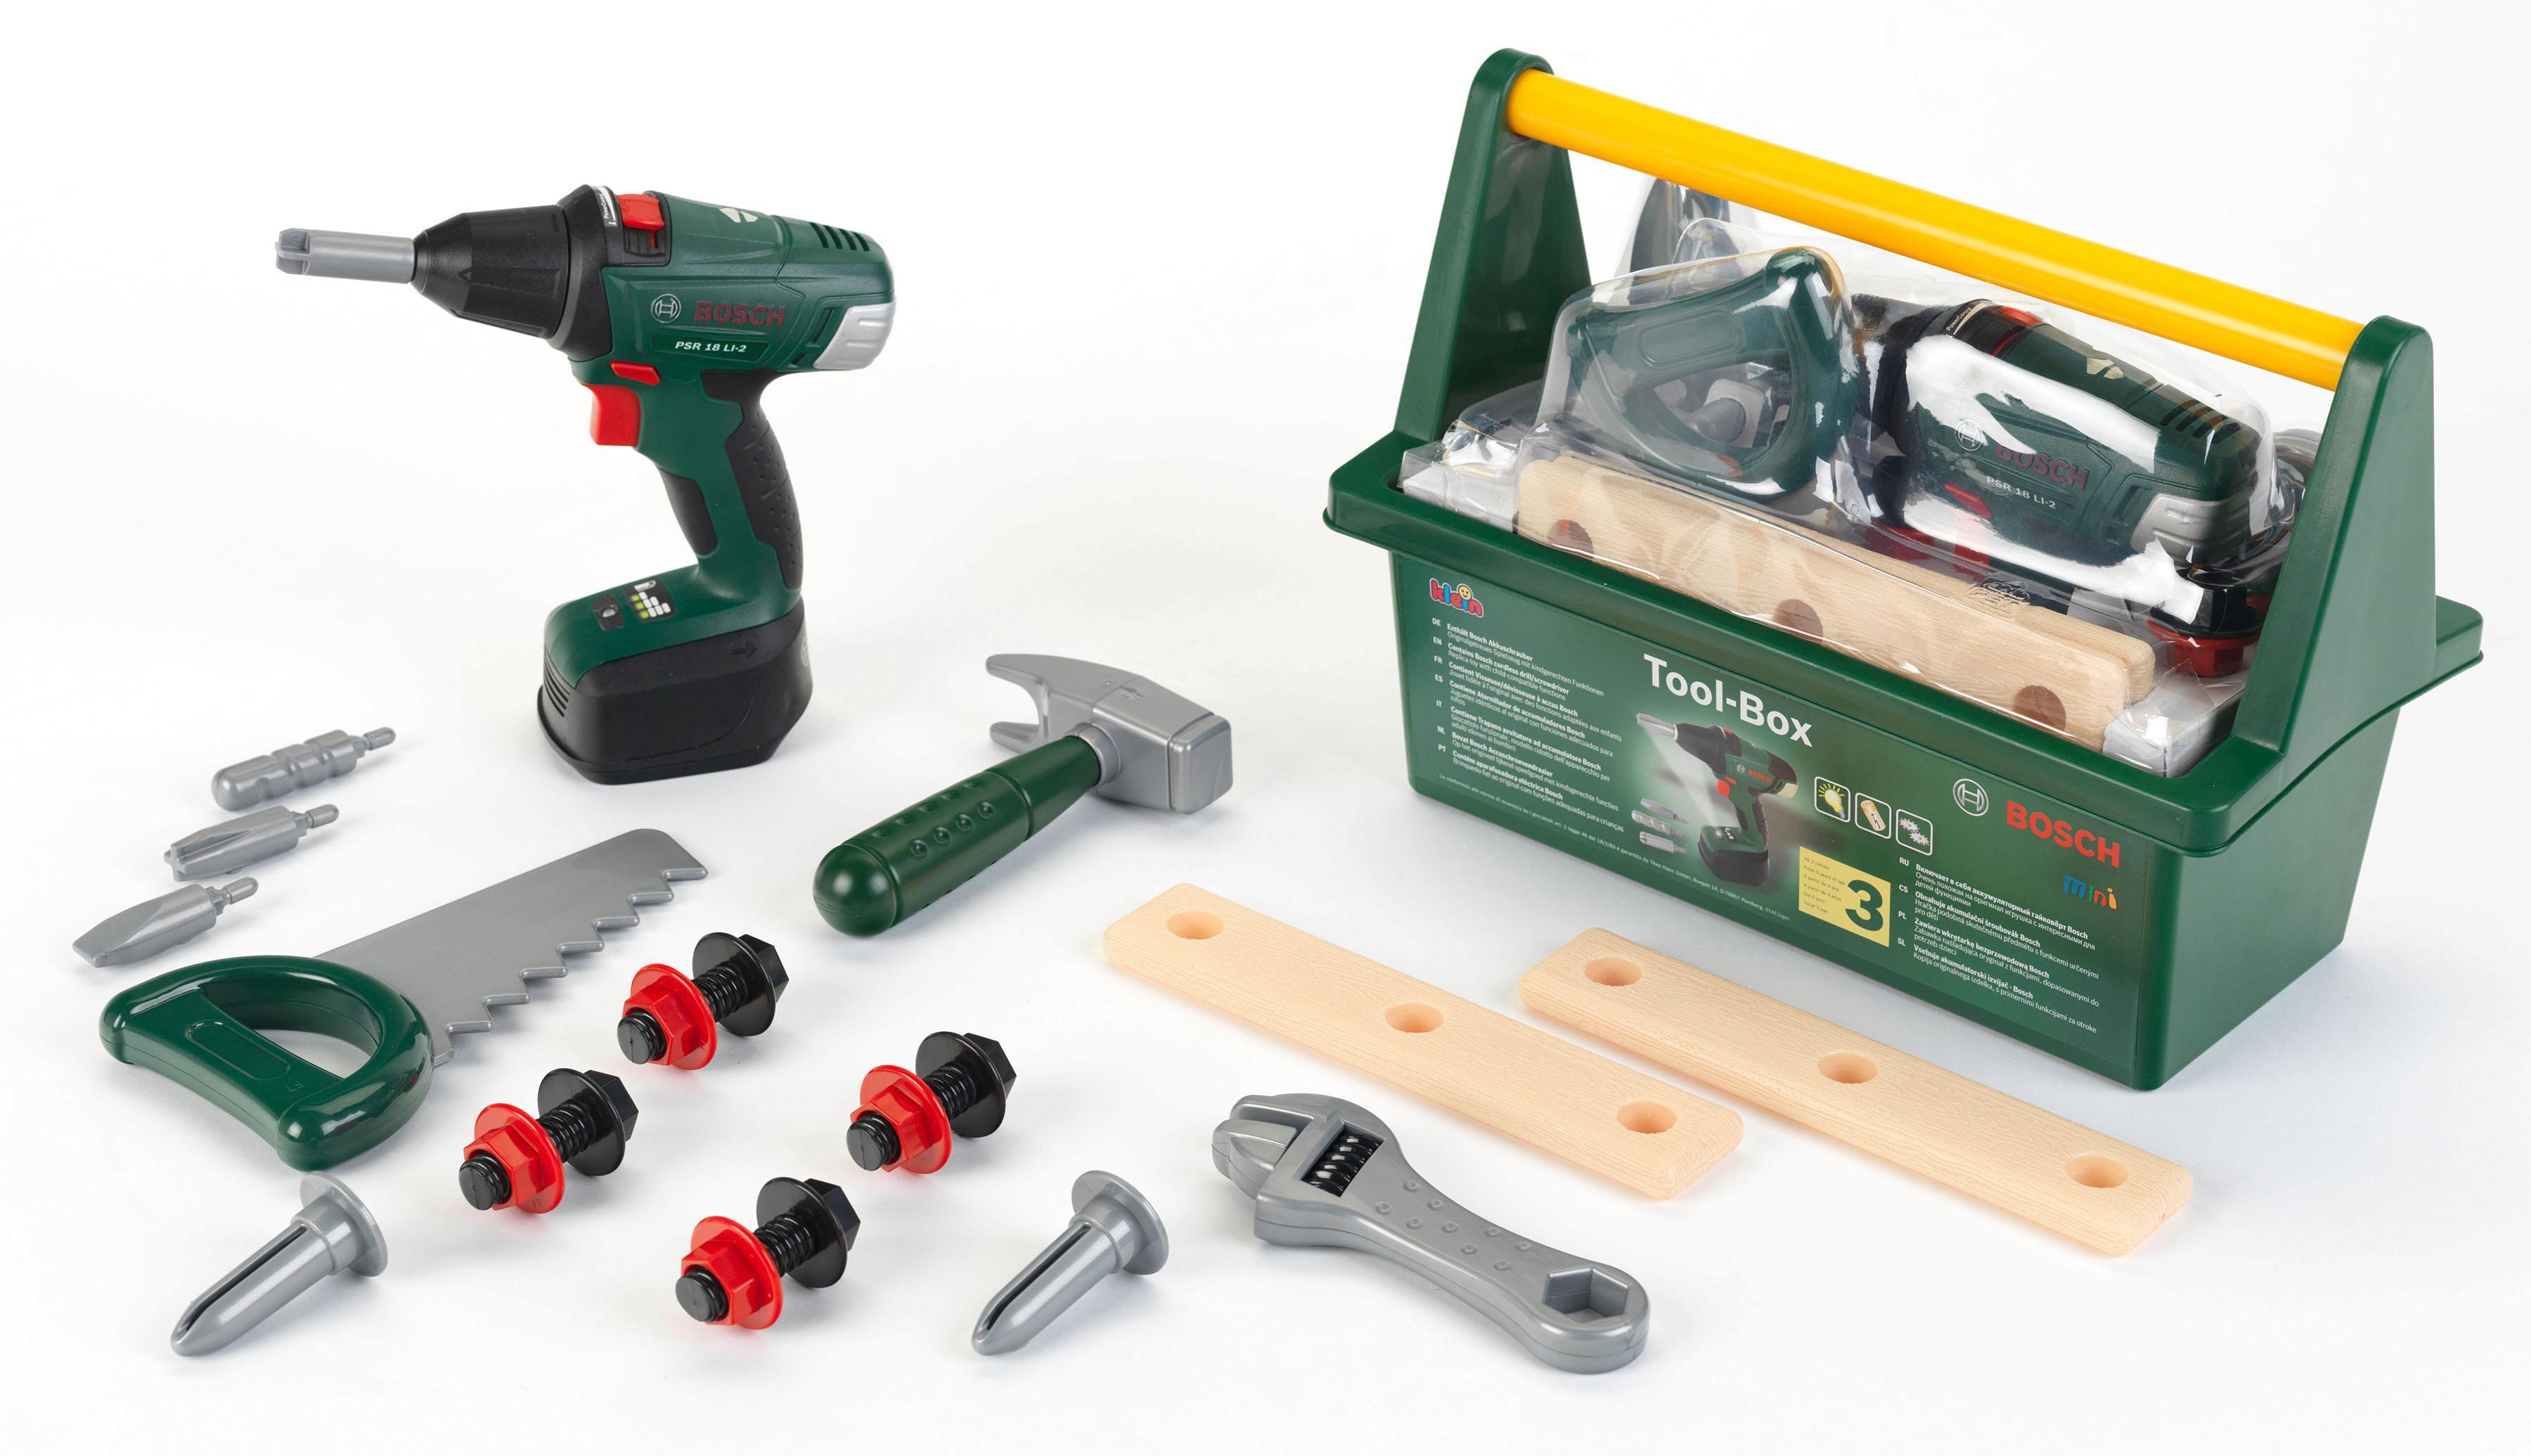 """Klein Spielwerkzeugkoffer """"Bosch Werkzeug-Box"""" Technik & Freizeit/Spielzeug/Werkbänke & Werkzeug/Bosch Kinderwerkzeug"""